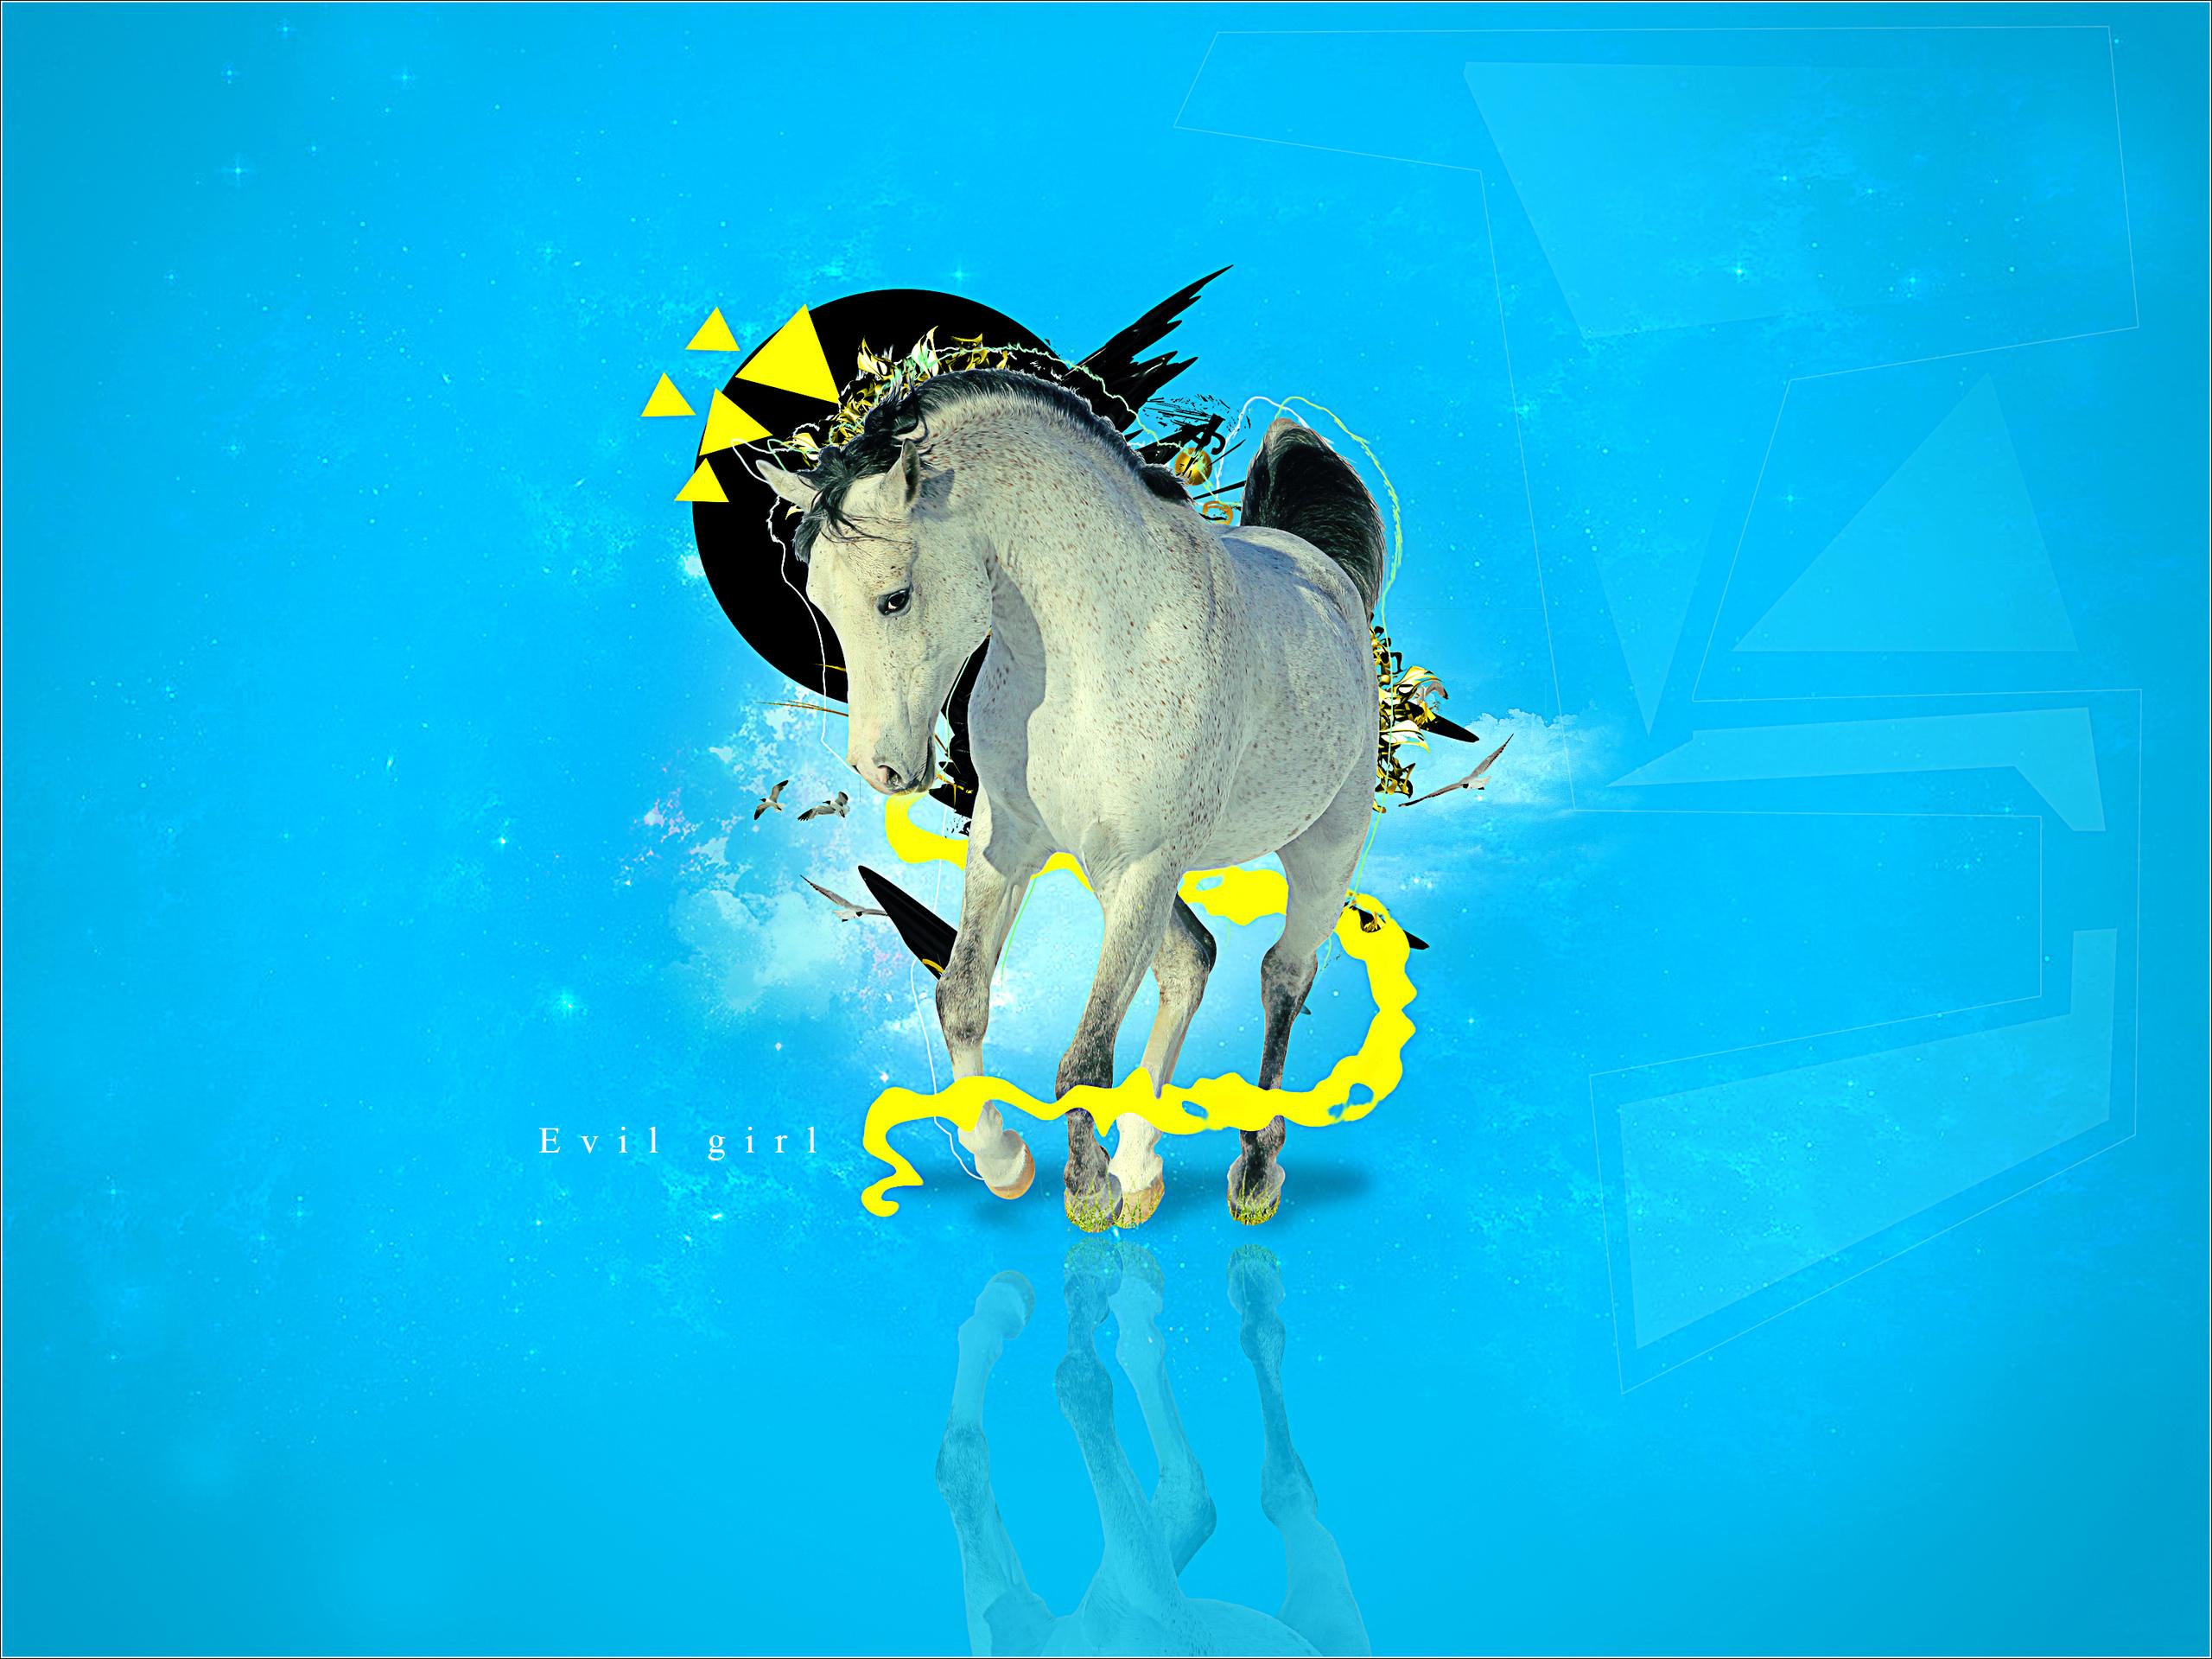 обои для рабочего стола, фото, конь, лошадь, красиво